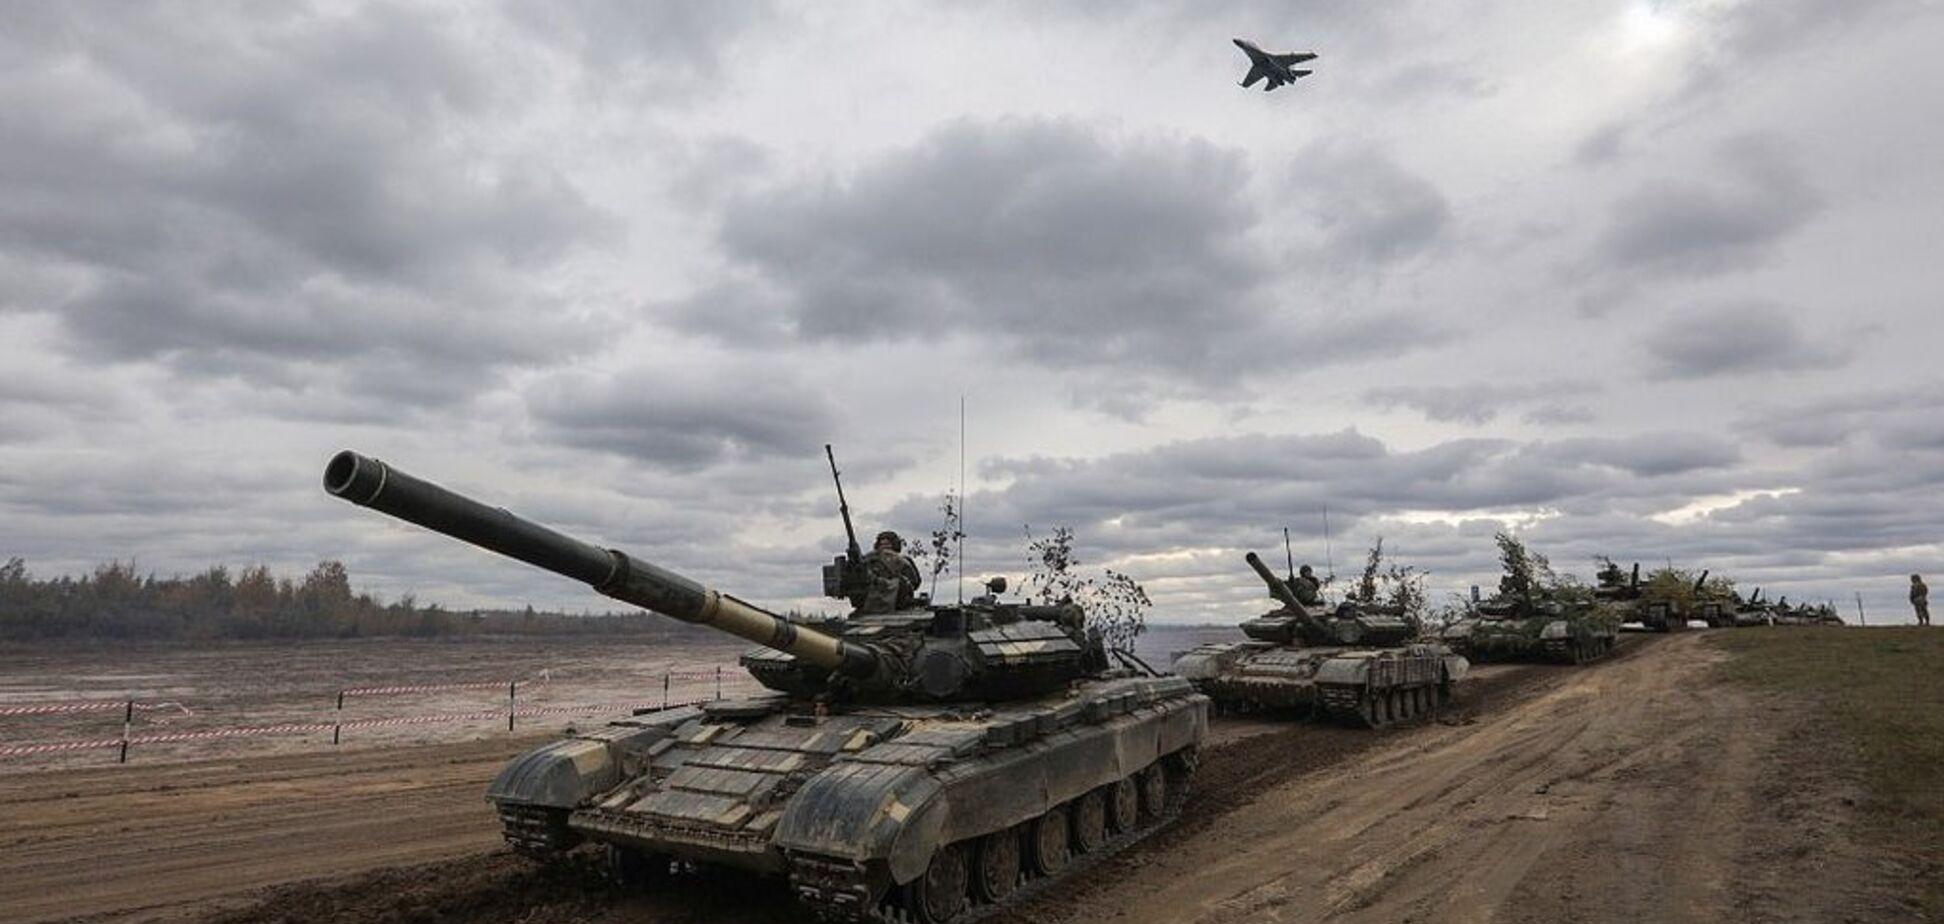 Террористы развязали кровавые бои на Донбассе: ранены пять бойцов ВСУ